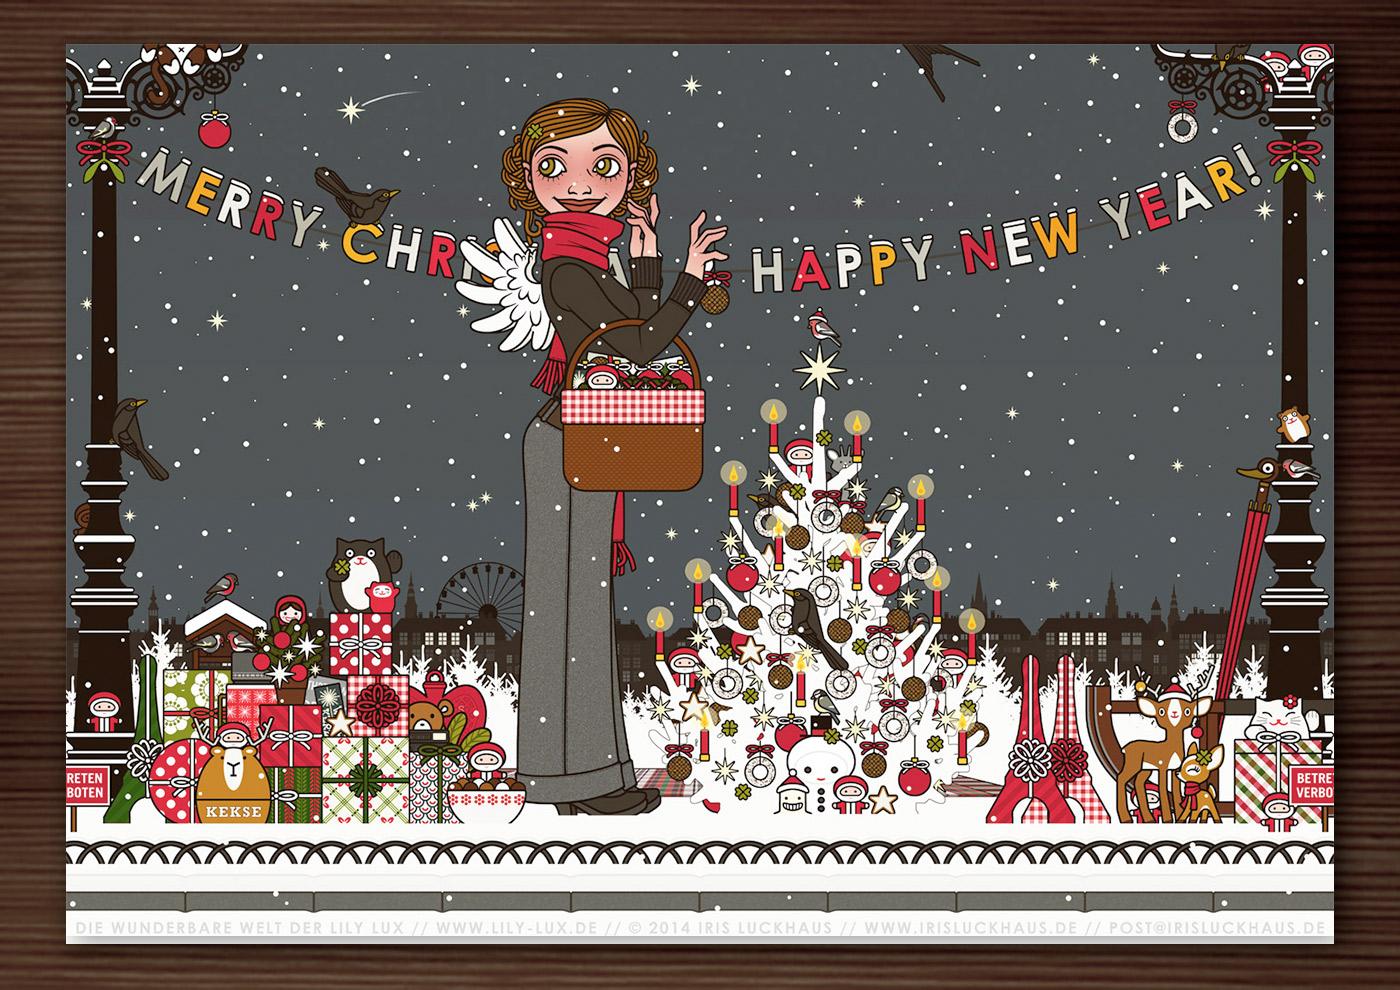 Zeichnung von einem Mädchen mit Engelsflügeln, das im Schnee im winterlichen Parkmit einem Picknickkorb Geschenke verteilt und einen Weihnachtsbaum mit Meisenknödeln schmückt, für Lily Lux von Iris Luckhaus